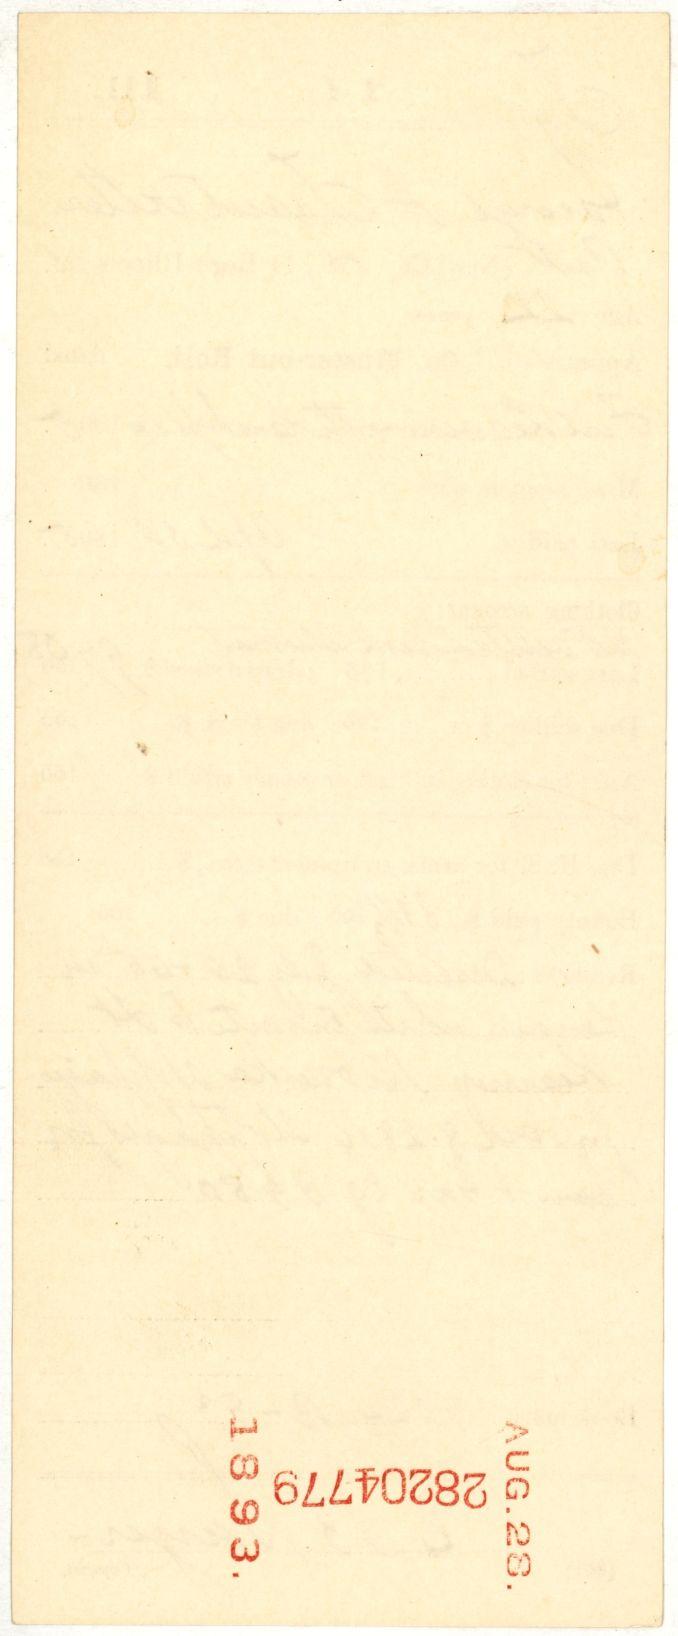 George-Trautvetter-Civil-War-CMSR-0008